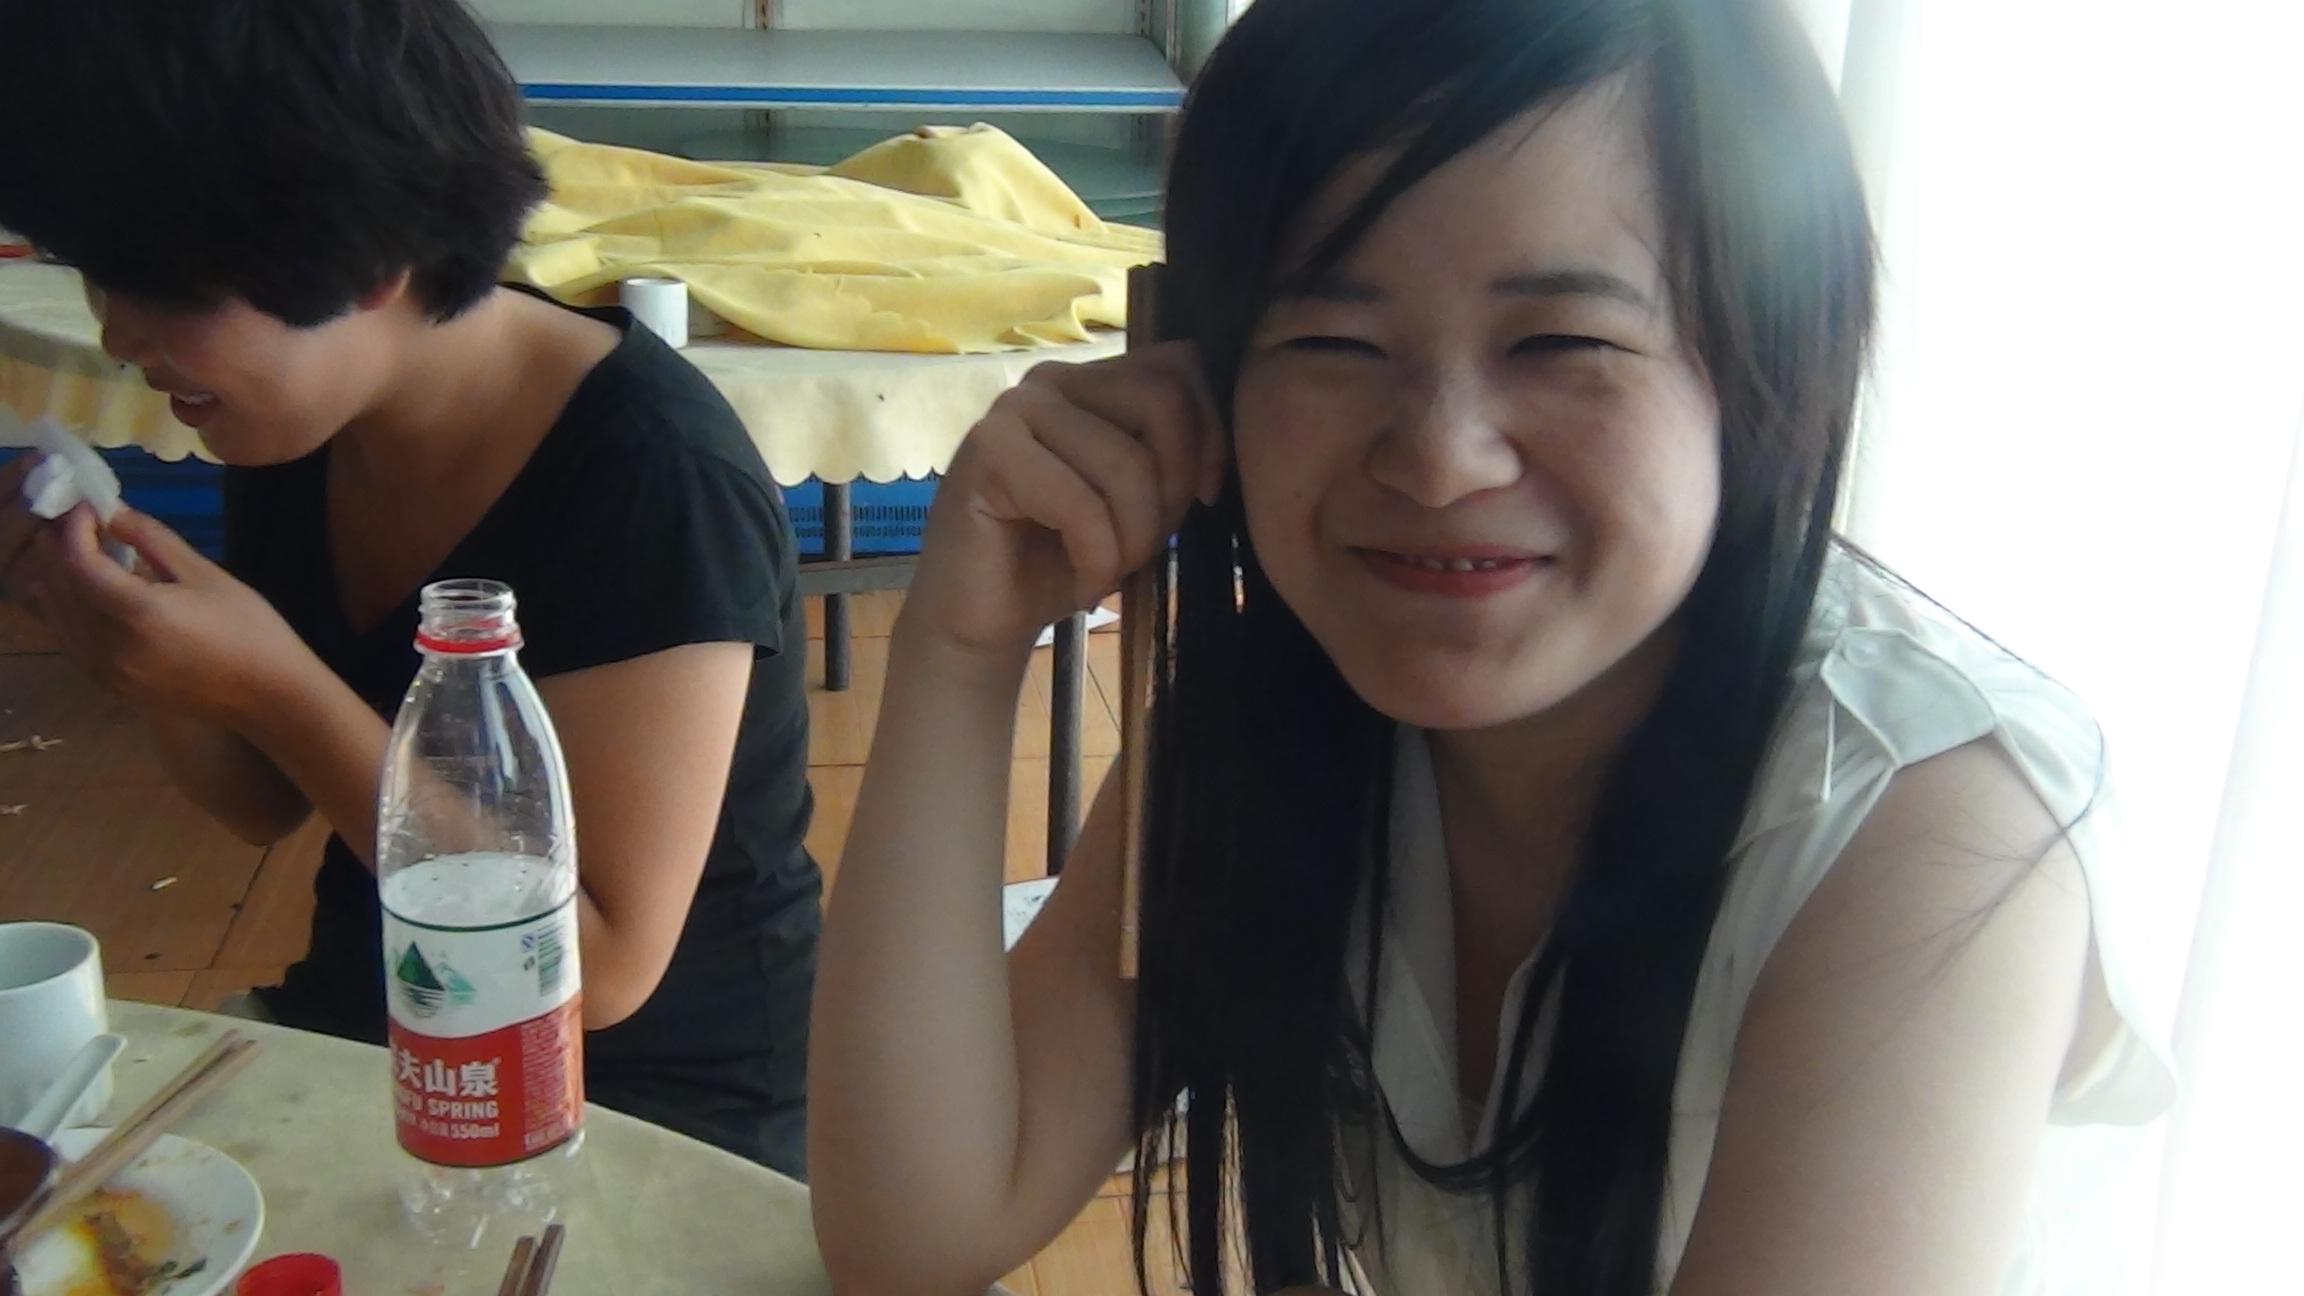 看看这个美女笑的真甜